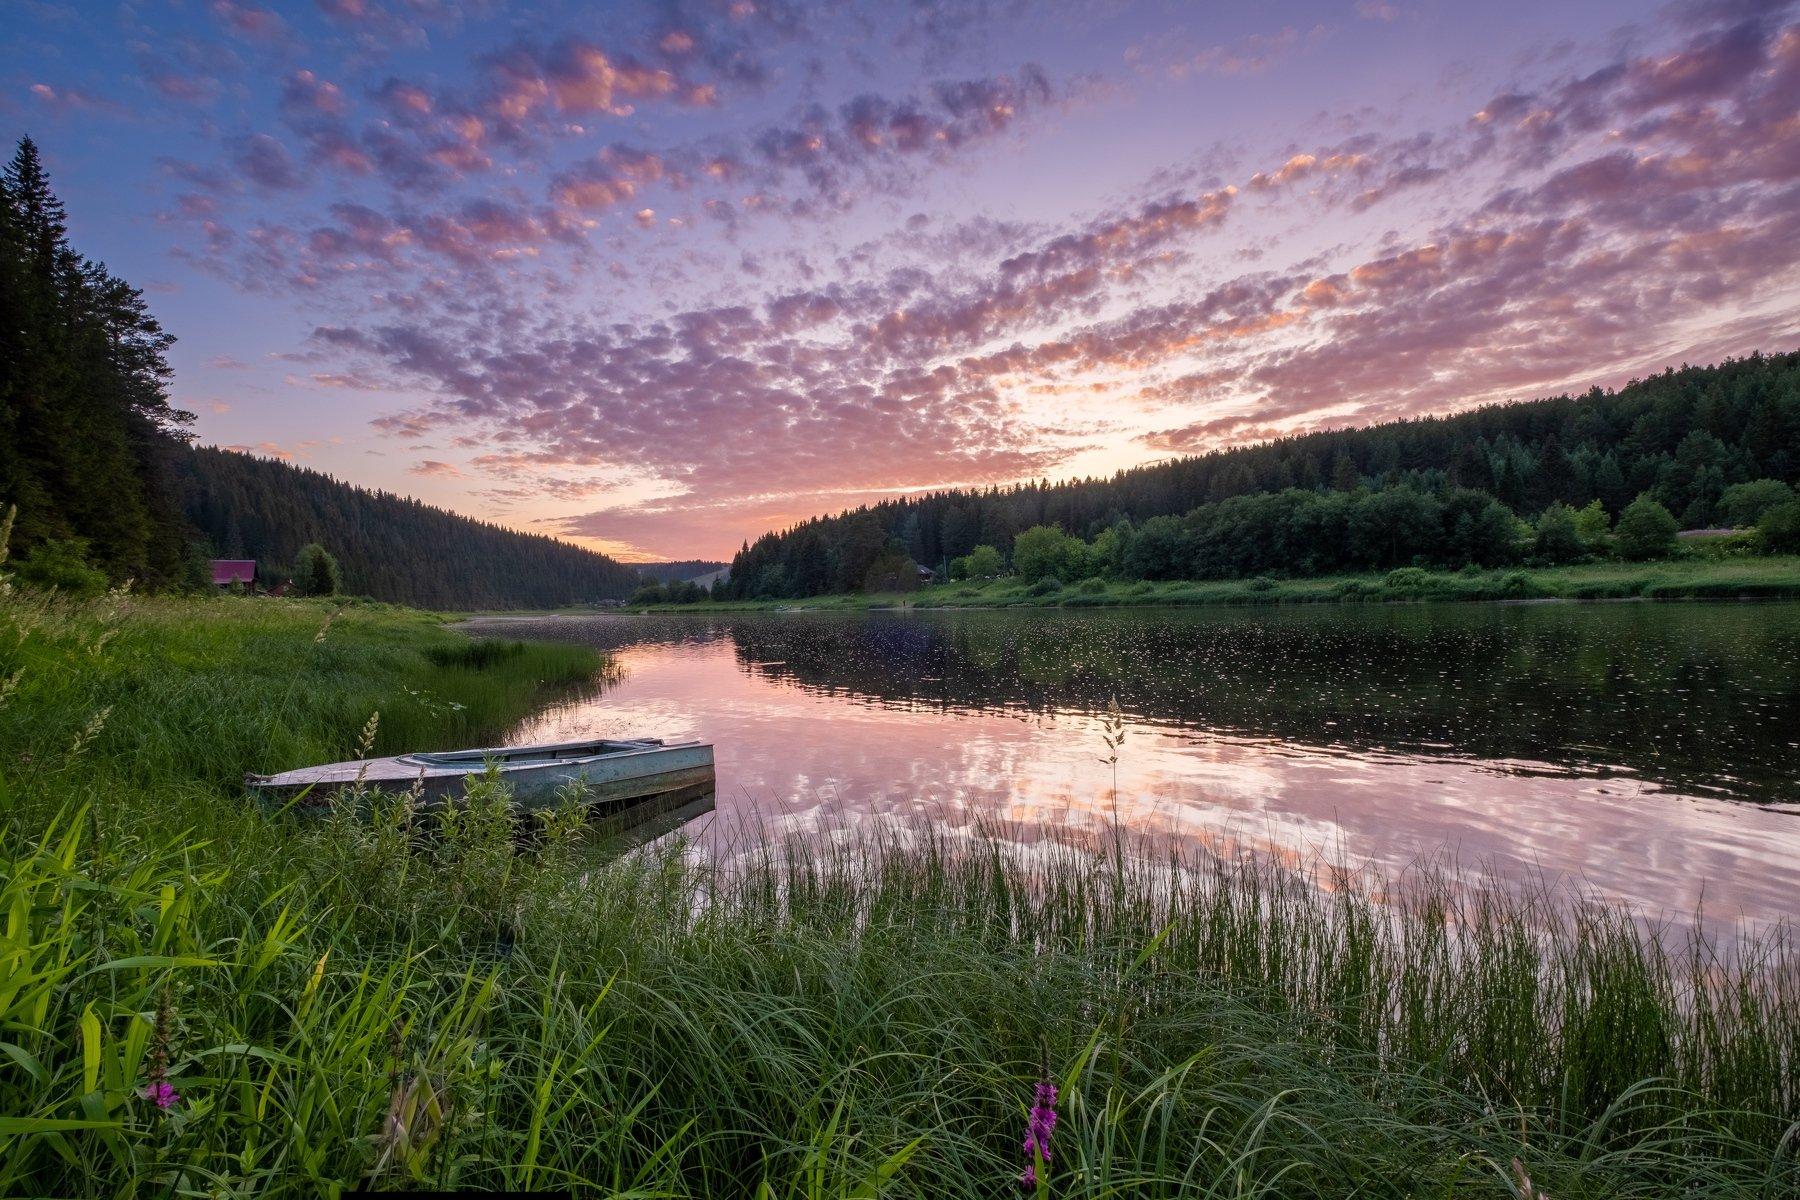 закат, река, лето, лодка, отражение, Савицкий Ян